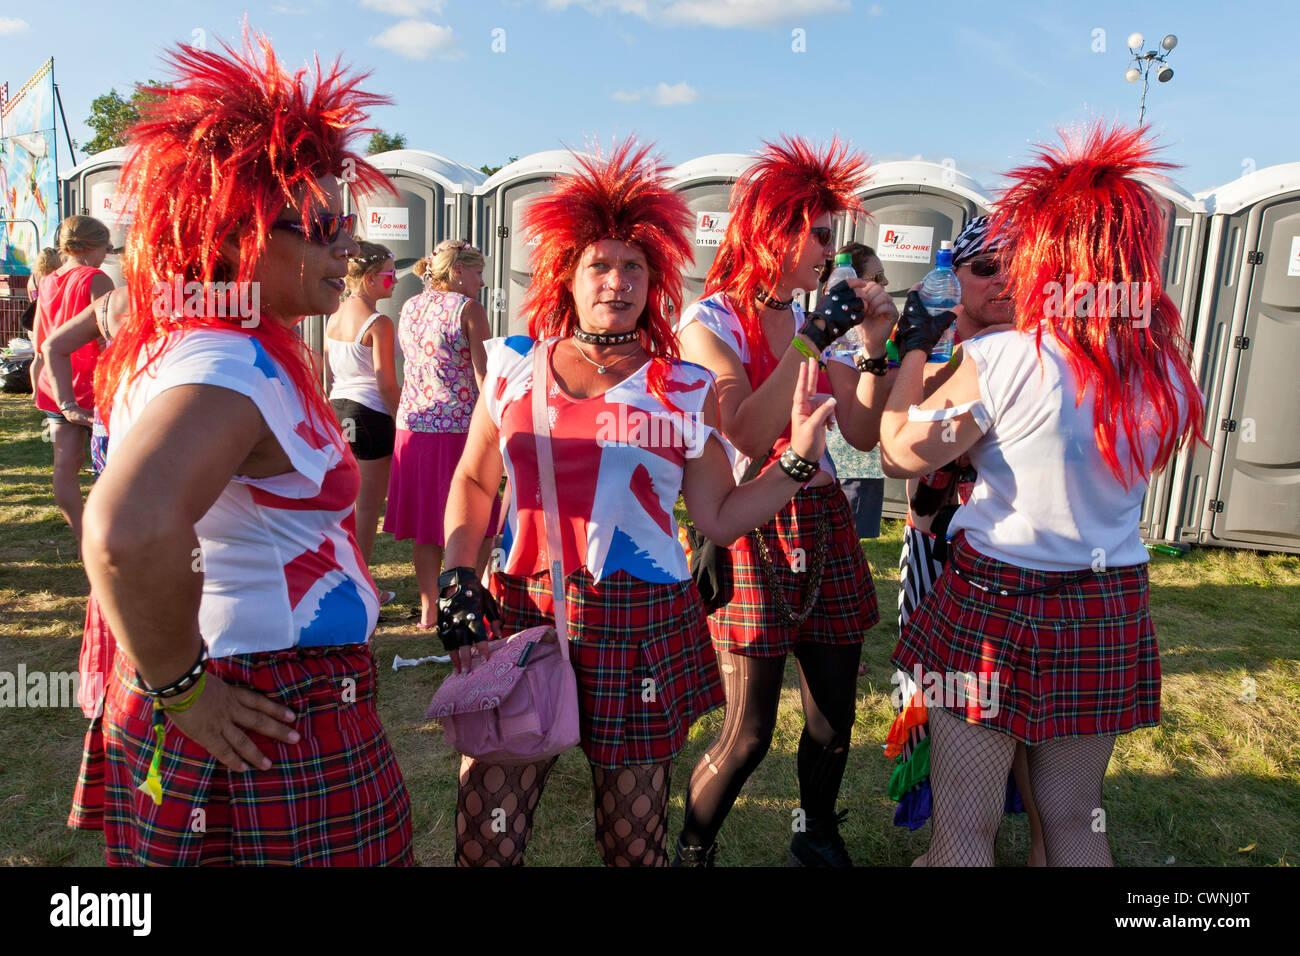 Festivaliers avec perruques rouges au Rewind Henley on Thames Festival 2012. JMH6031 Photo Stock